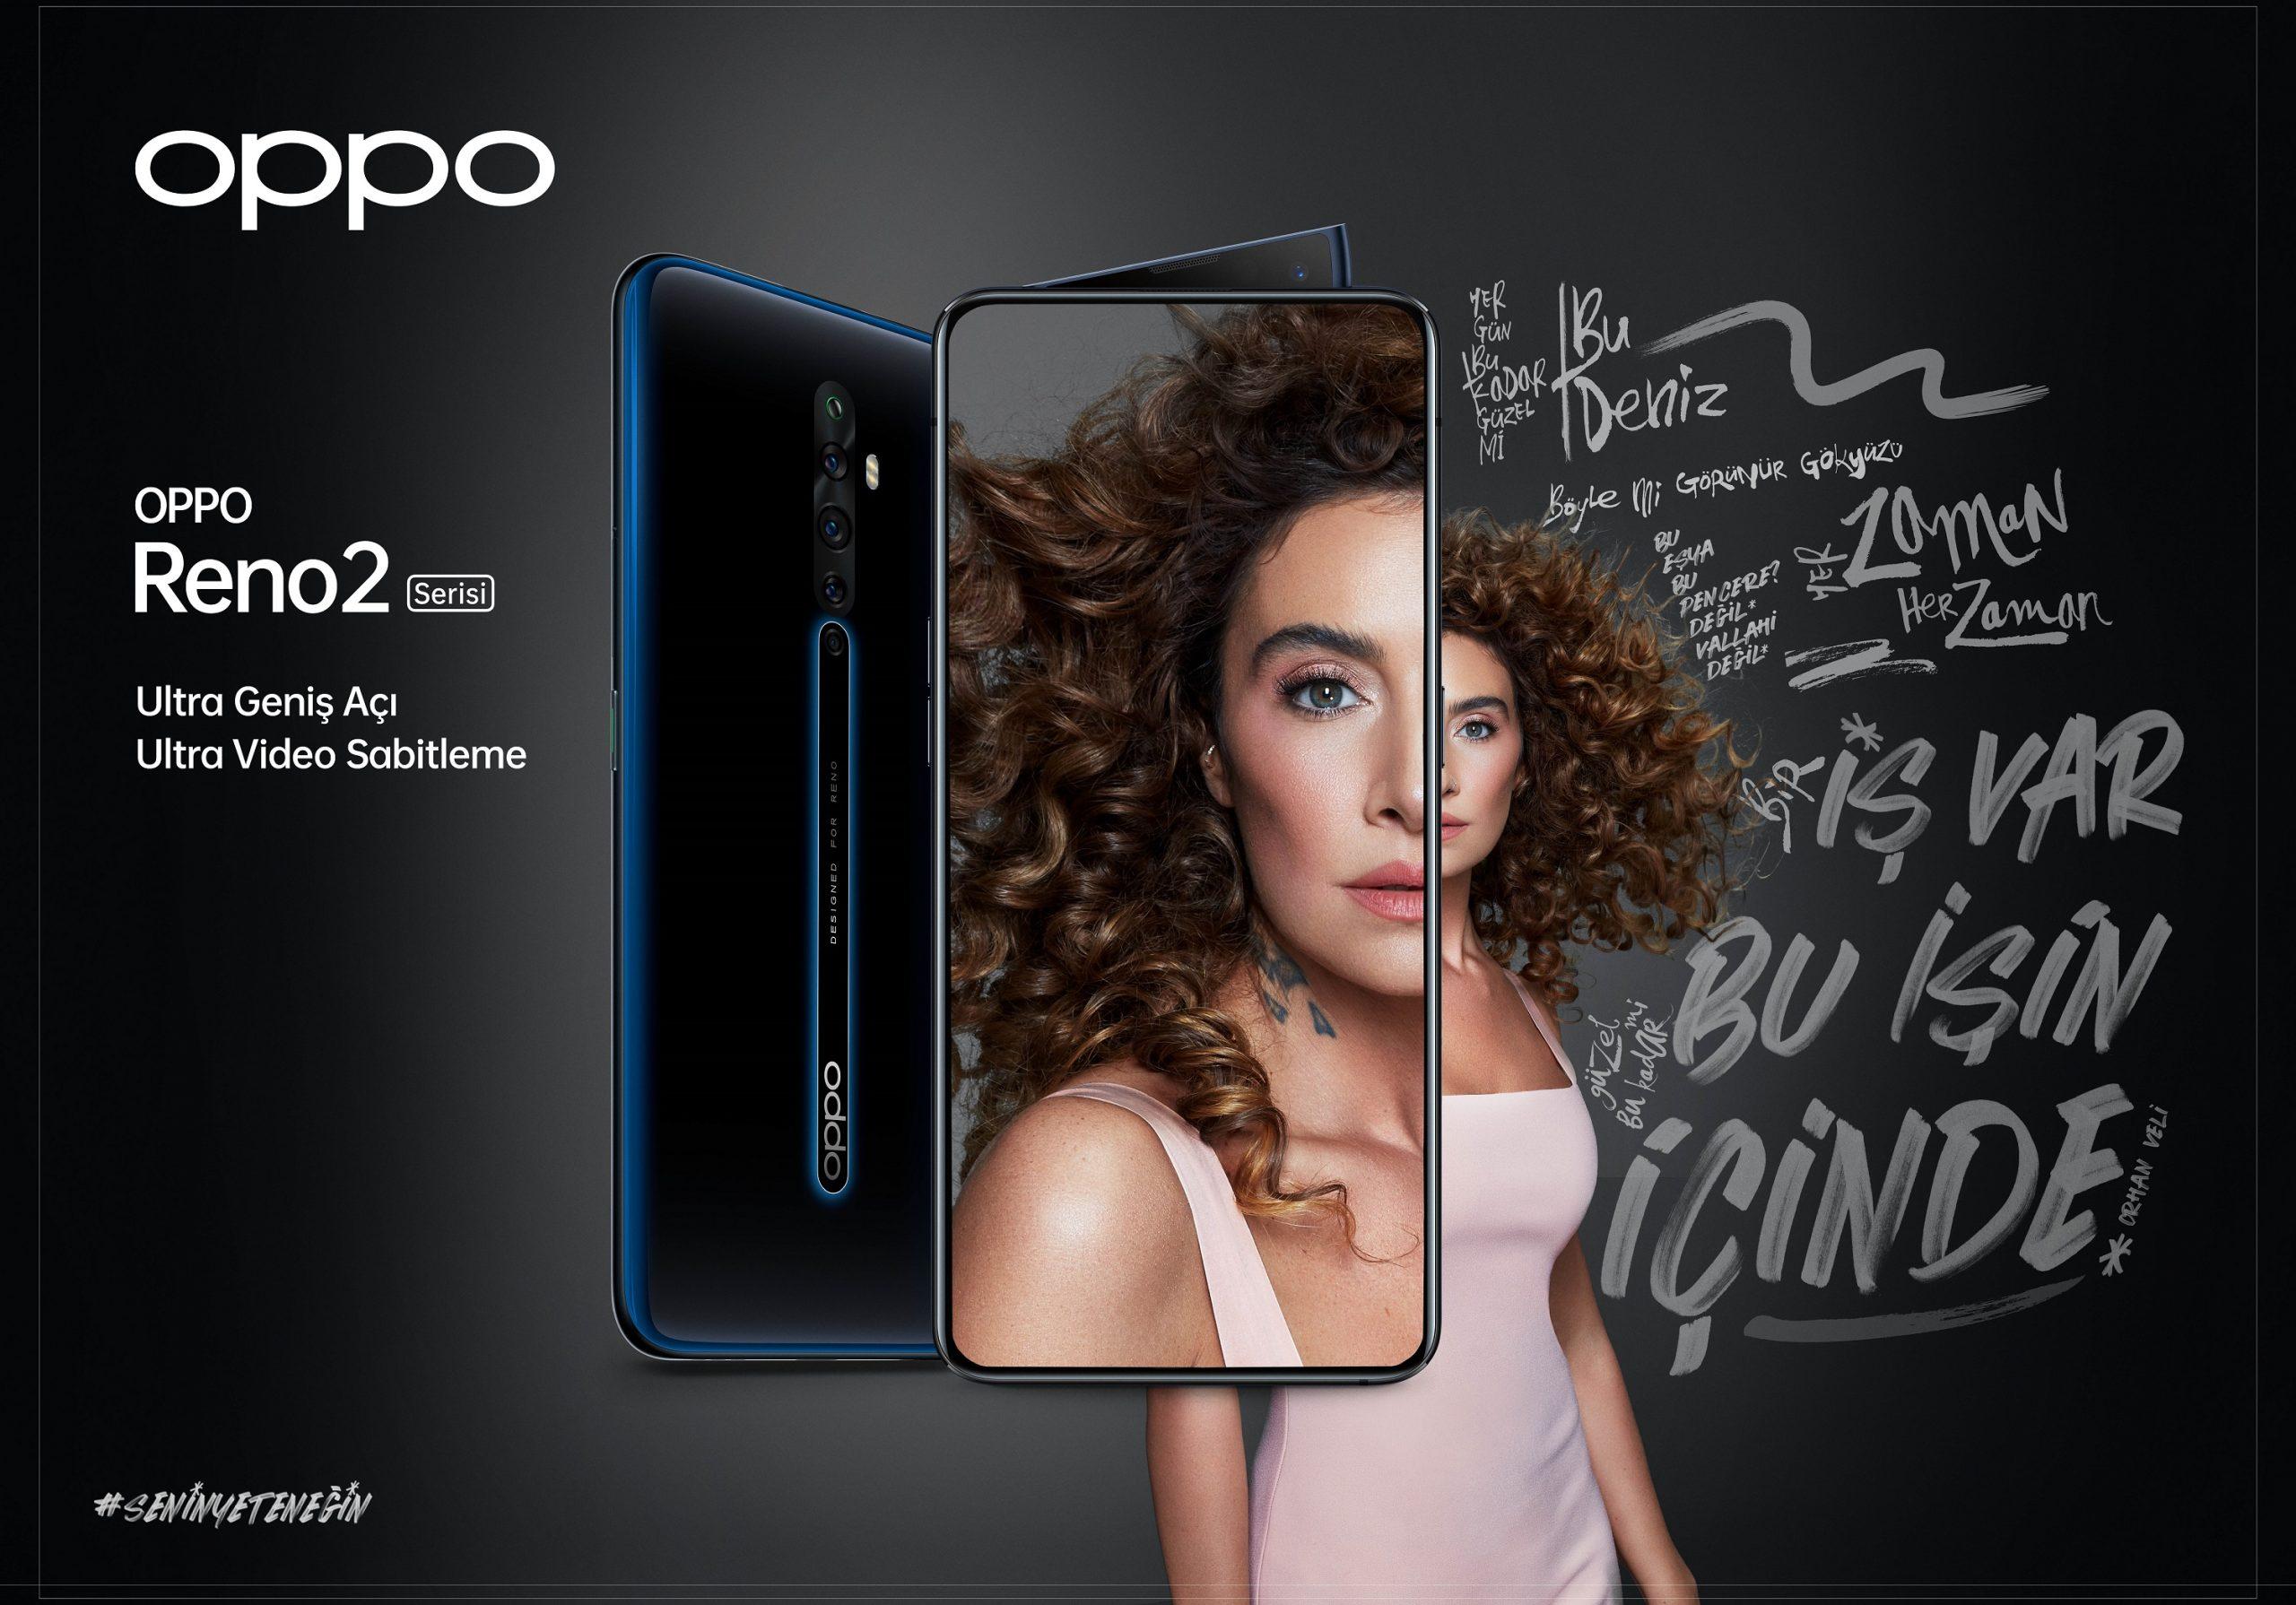 """Akıllı telefon sektörünün lider markası OPPO, ilginç senaryoları ile dikkat çeken başarılı kampanyalarına bir yenisini daha ekliyor. İlk reklam filminde, OPPO'nun akıllı telefonuyla içindeki fotoğrafçı yeteneğini OPPO ile ortaya çıkaran ve fotoğrafçı olan Sıla, yeni reklam filminde ise bambaşka bir senaryo ile karşımıza çıkıyor. Türk edebiyatının usta ismi Orhan Veli'nin """"Bir İş Var"""" şiirini Sıla'dan dinlediğimiz yeni reklam filminde Sıla'ya, ünlü model Didem Soydan, ünlü oyuncular Hakan Kurtaş ve Uraz Kaygılaroğlu eşlik ediyor. Kendine meydan okuyan isimleri hep daha iyisine ulaşma çabasında gördüğümüz reklam filminin çekimleri, İstanbul'un birbirinden ilginç lokasyonlarında iki günde tamamlandı. Bir iş var bu işin içinde OPPO'nun yeni reklam kampanyasında Türk Edebiyatı'nın ustası Orhan Veli'nin """"Bir iş var"""" adlı şiiri Sıla'nın sesinden izleyicilerle buluşuyor. Sıla, Orhan Veli'nin dizelerini okurken OPPO Reno2 ailesinin """"ultra geniş açı"""", """"ultra gece modu"""", """"ultra video sabitleme"""" gibi sıra dışı özelliklerine görüntüler eşliğinde vurgu yapılıyor. OPPO'nun yenilikçi mobil fotoğraf ve video teknolojileriyle kullanıcılara yaşattığı güzel deneyimler izleyicilerle paylaşılıyor. Reklam filmi """"Sıra dışı olmak #SeninYeteneğin"""" mesajıyla son buluyor. OPPO Reno2 'nin yeni reklam filmi, televizyon kanallarında, sinemalarda ve dijital platformlarda gösteriliyor. BİR İŞ VAR Her gün bu kadar güzel mi bu deniz? Böyle mi görünür gökyüzü her zaman? Her zaman güzel mi bu kadar, Bu eşya, bu pencere? Değil, Vallahi değil; Bir iş var bu işin içinde. Orhan VELİ 'Orhan Veli'ye saygılarımızla'"""